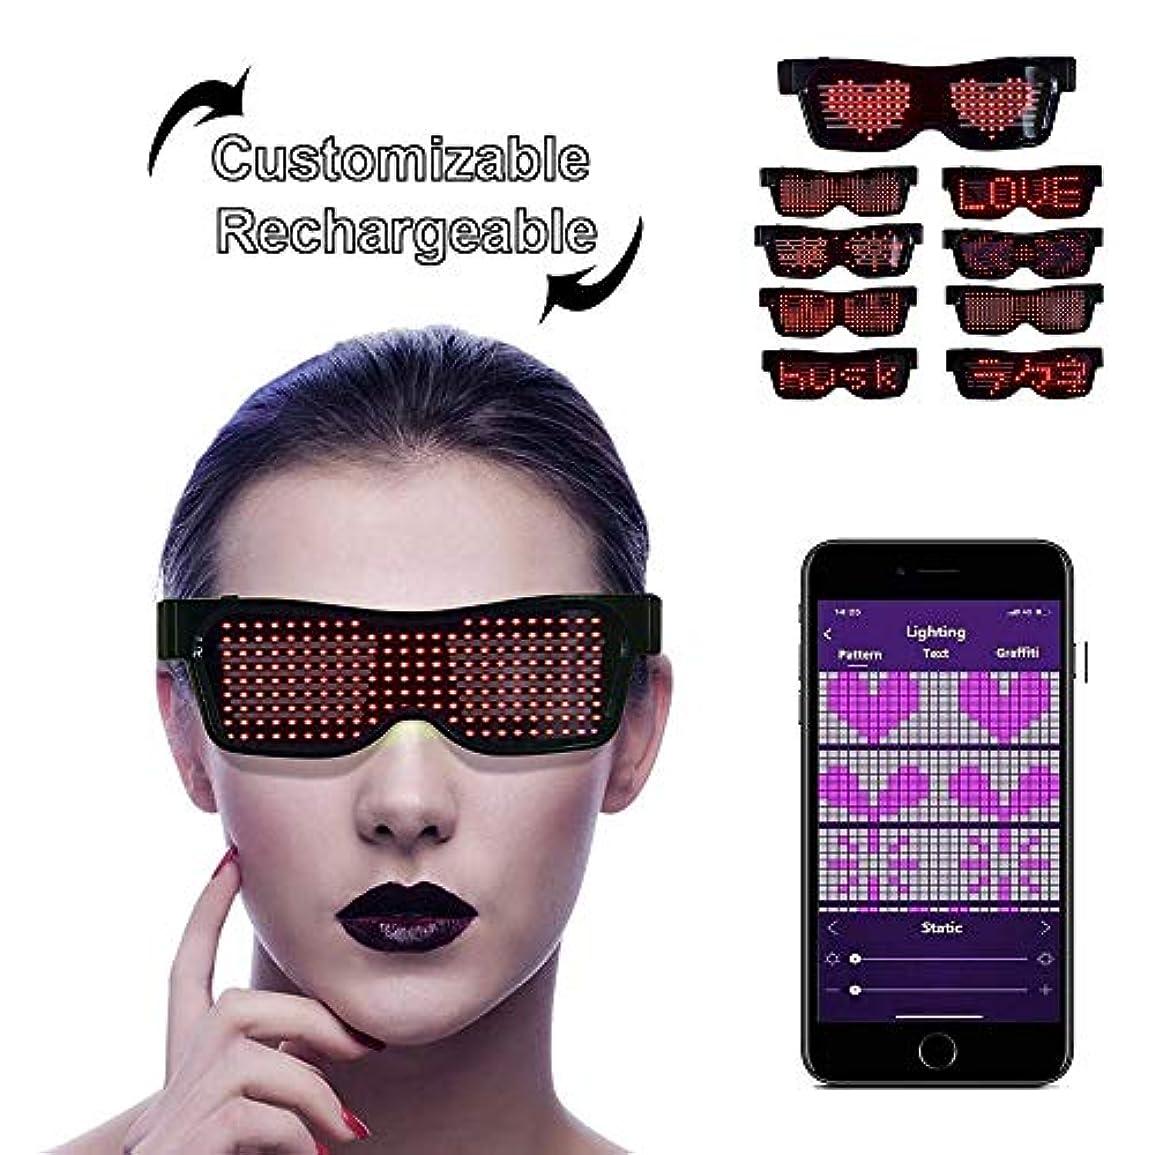 紫の計器位置するLEDサングラス, LEDメガネ ブルートゥースLEDパーティーメガネカスタマイズ可能なLEDメガネUSB充電式9モードワイヤレス点滅LEDディスプレイ、フェスティバル用グロー眼鏡レイヴパーティー